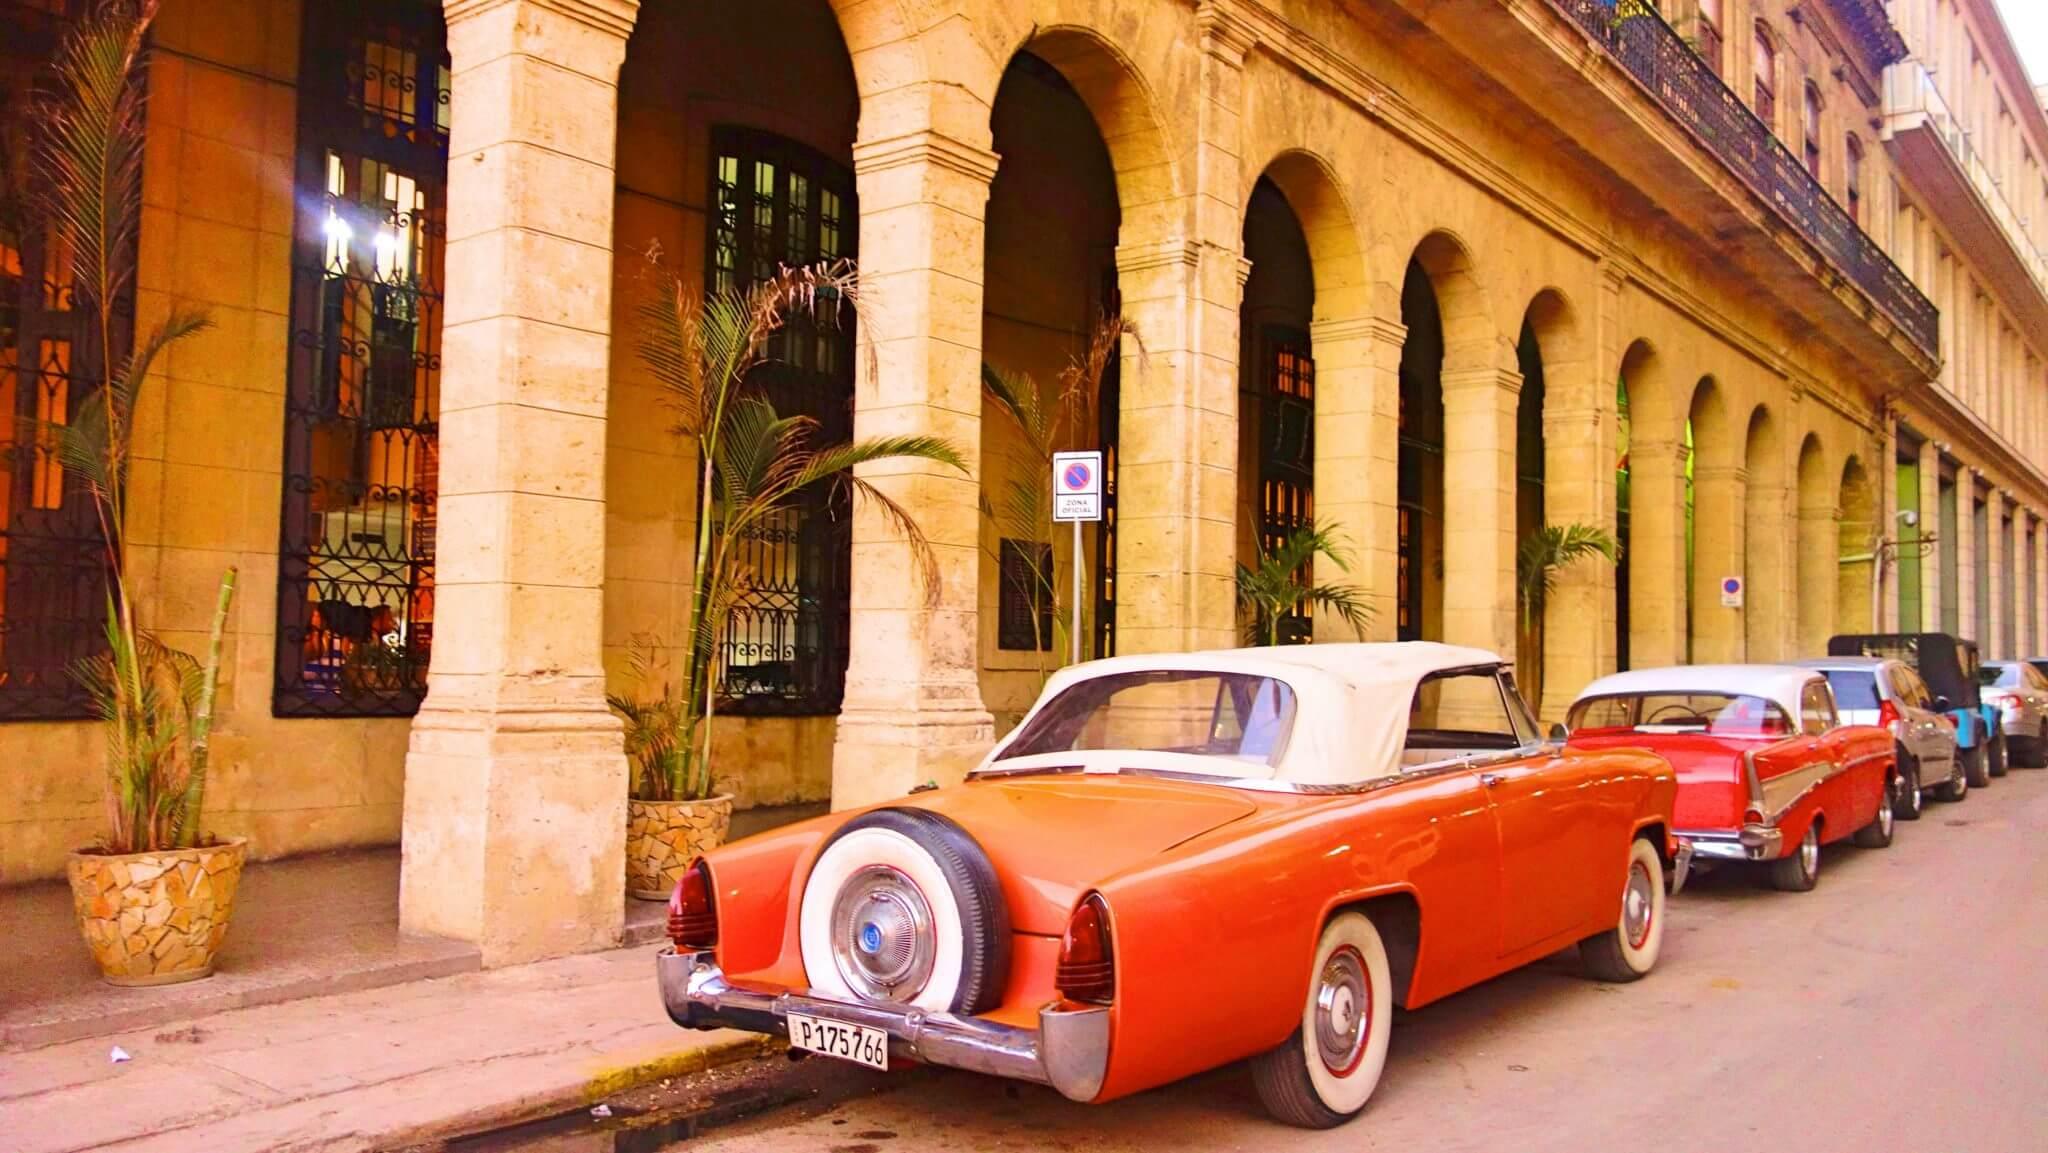 キューバ入国に必要な『ツーリストカード』と『海外旅行保険』